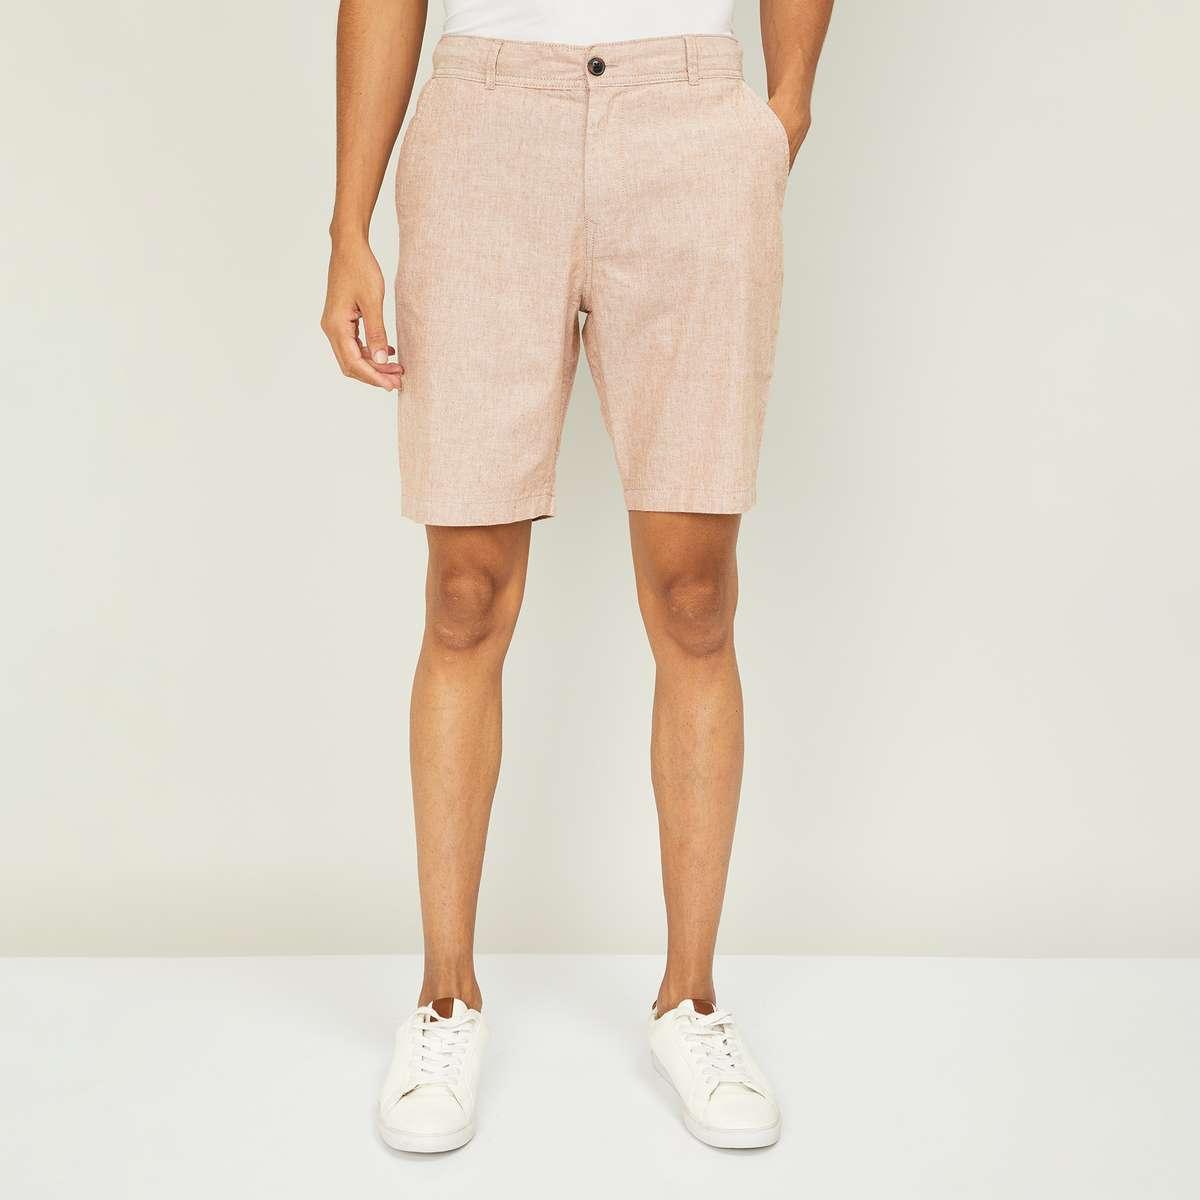 1.BOSSINI Men Solid Regular Fit Shorts